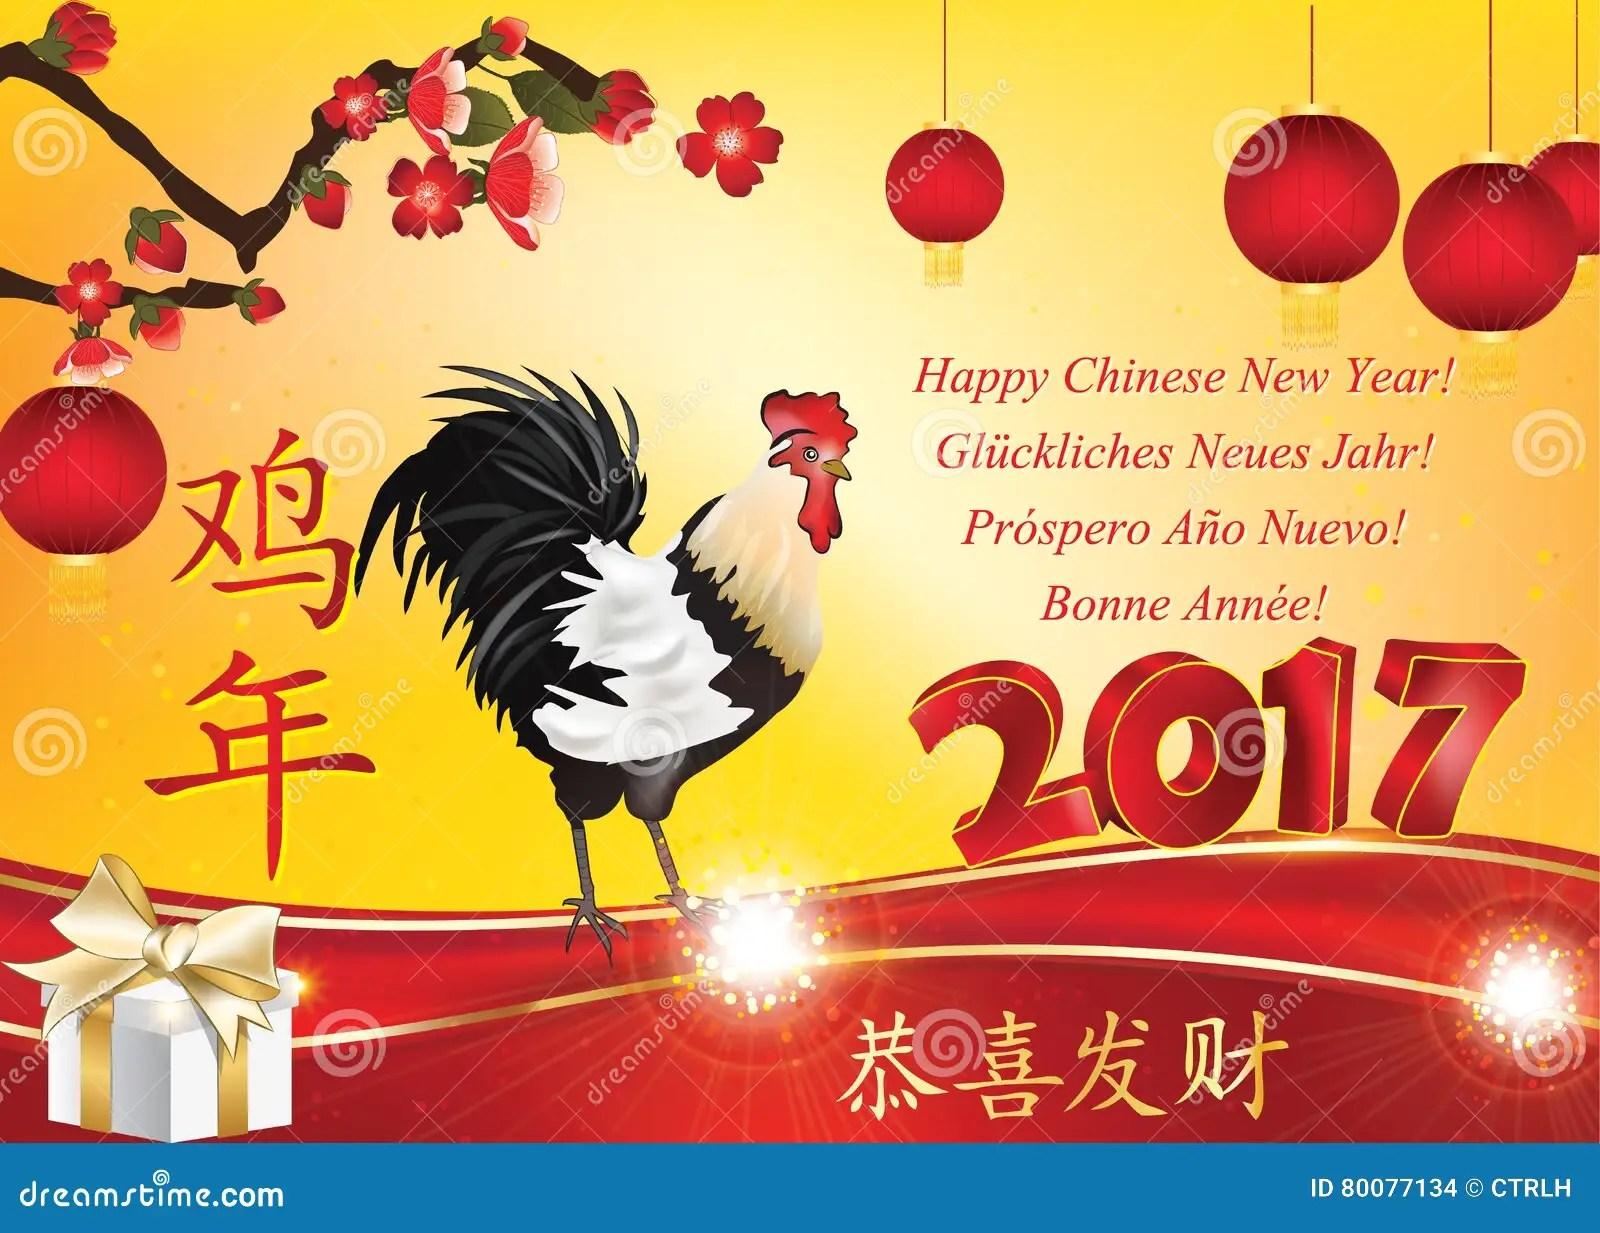 Ano Nuevo Chino Tarjeta De Felicitacion Imprimible